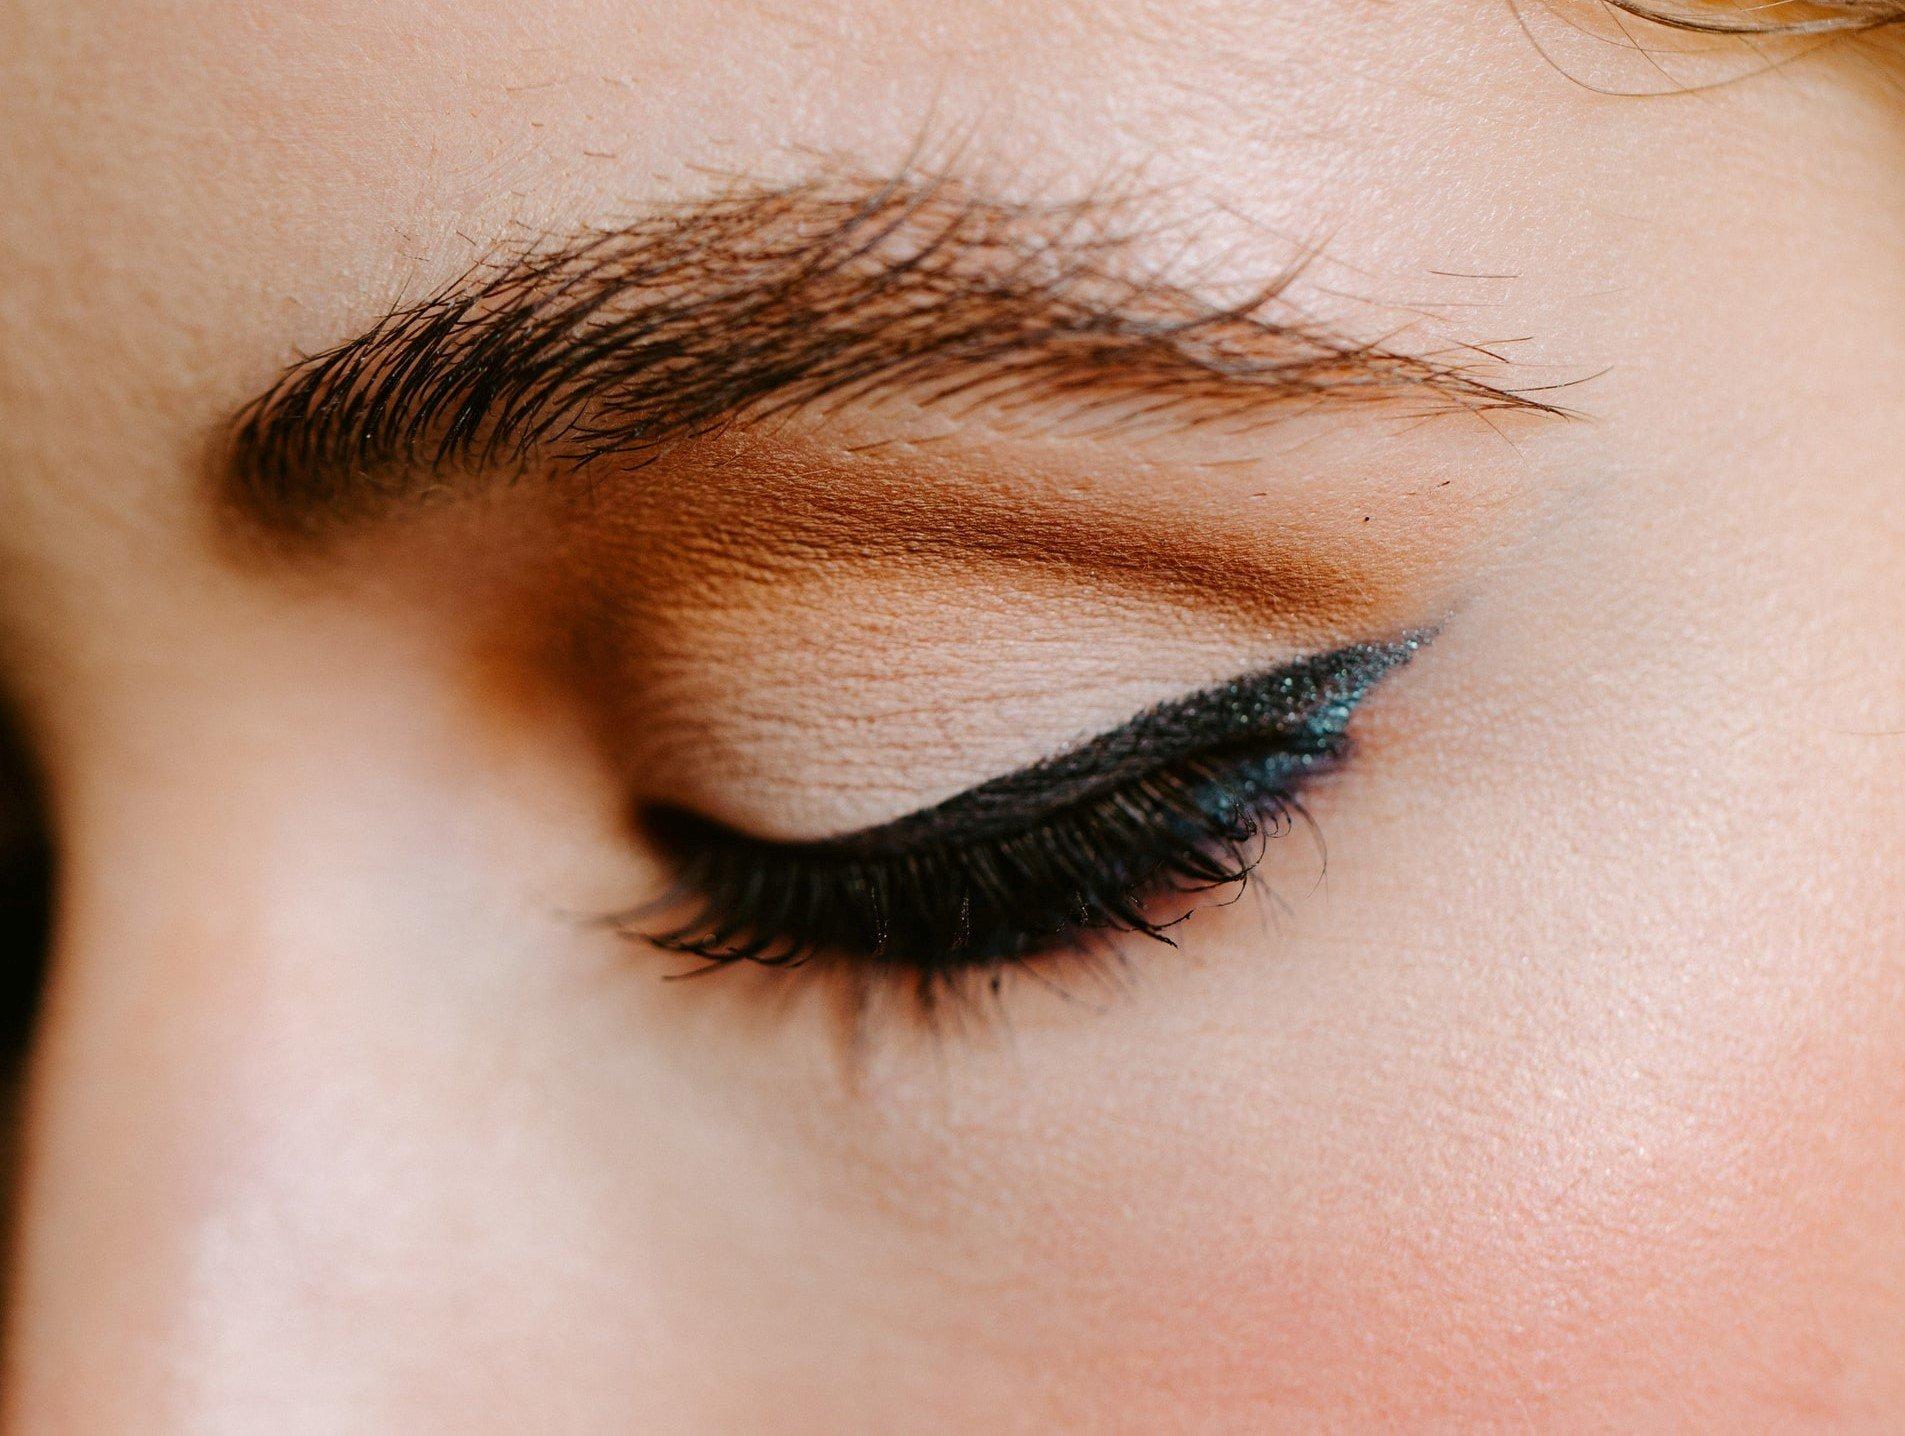 LOOKFANTASTIC BEAUTY ACADEMY: Eyeliner auftragen – 5 Tipps, mit denen du zum Profi wirst!